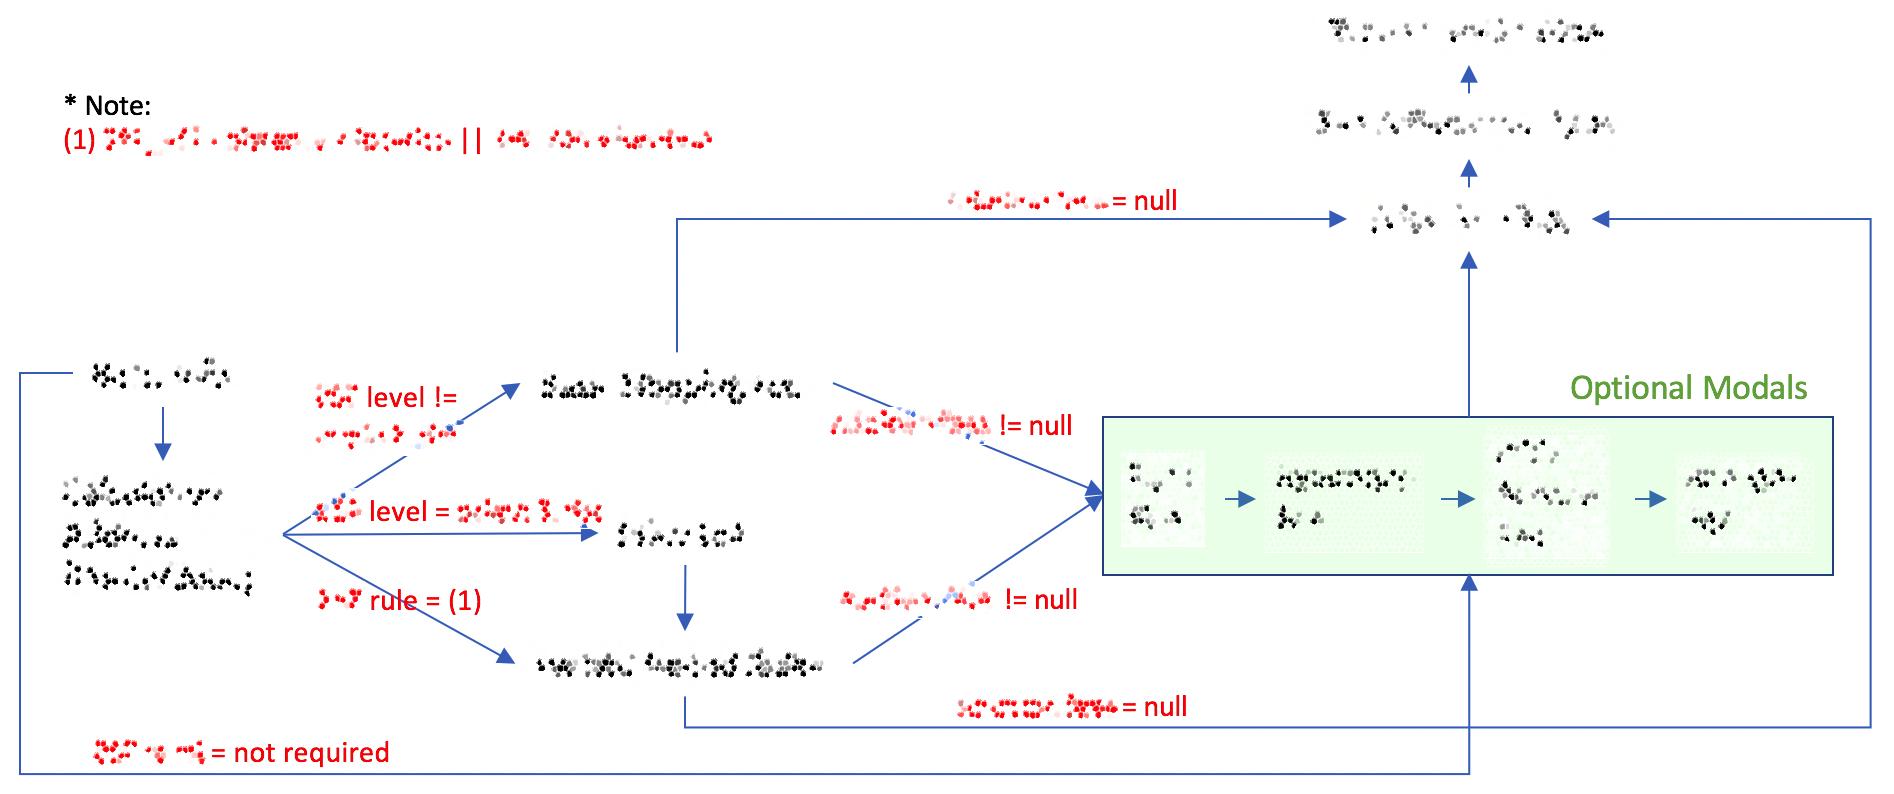 上面那段代码对应的状态转移图